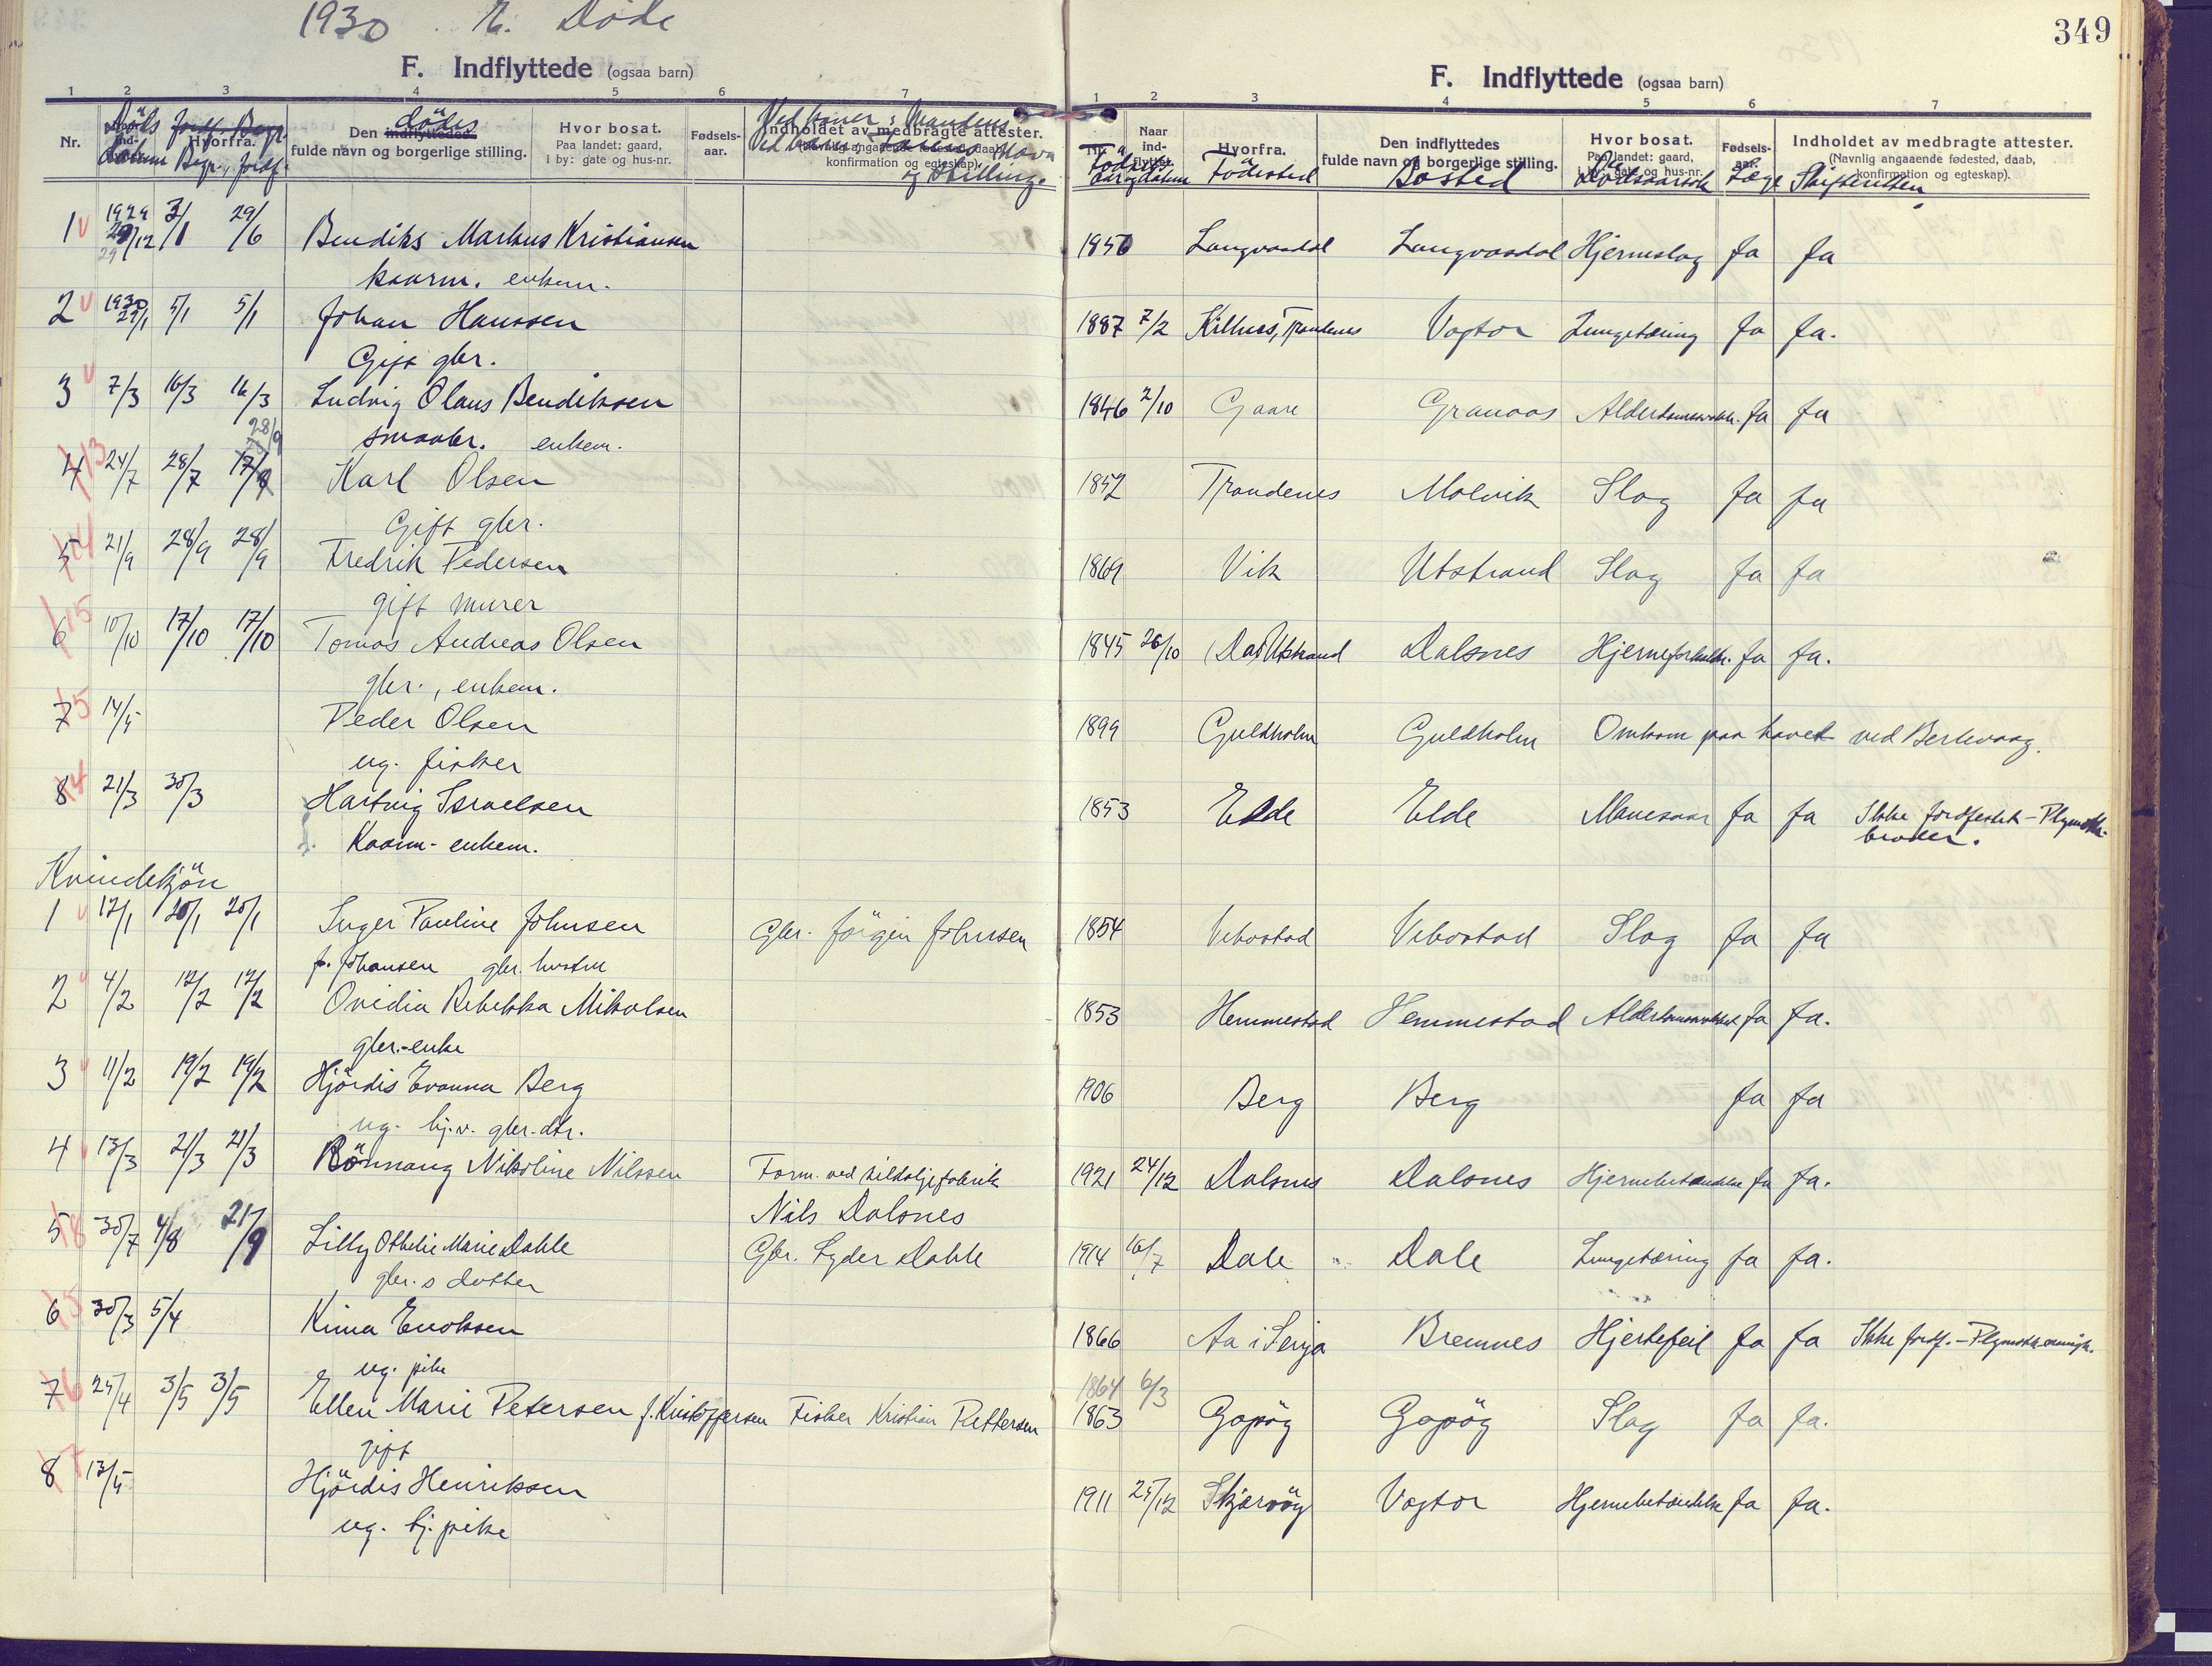 SATØ, Kvæfjord sokneprestkontor, G/Ga/Gaa/L0007kirke: Ministerialbok nr. 7, 1915-1931, s. 349